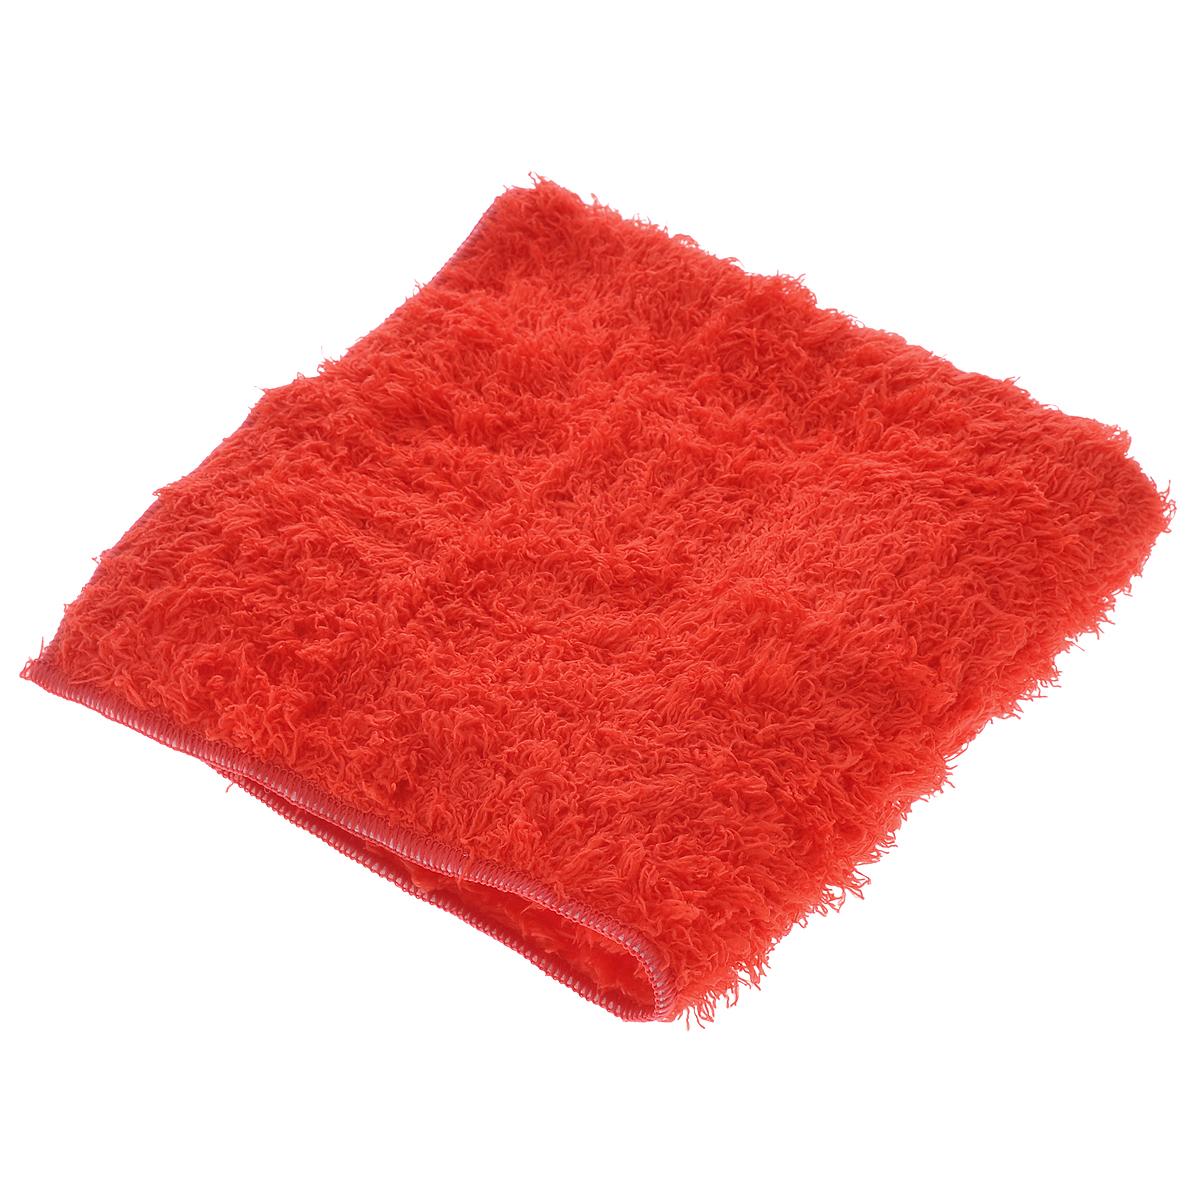 Салфетка чистящая Sapfire, для мытья и полировки автомобиля, цвет: красный, 40 см х 40 смRC-100BWCБлагодаря своей уникальной ворсовой структуре, салфетка Sapfire прекрасно подходит для мытья и полировки автомобиля.Материал салфетки (микрофибра) обладает уникальной способностью быстро впитывать большой объем жидкости. Клиновидные микроскопические волокна захватывают и легко удерживают частички пыли, жировой и никотиновый налет, микроорганизмы, в том числе болезнетворные и вызывающие аллергию. Салфетка великолепно удаляет пыль и грязь. Протертая поверхность становится идеально чистой, сухой, блестящей, без разводов и ворсинок.Размер салфетки: 40 см х 40 см.